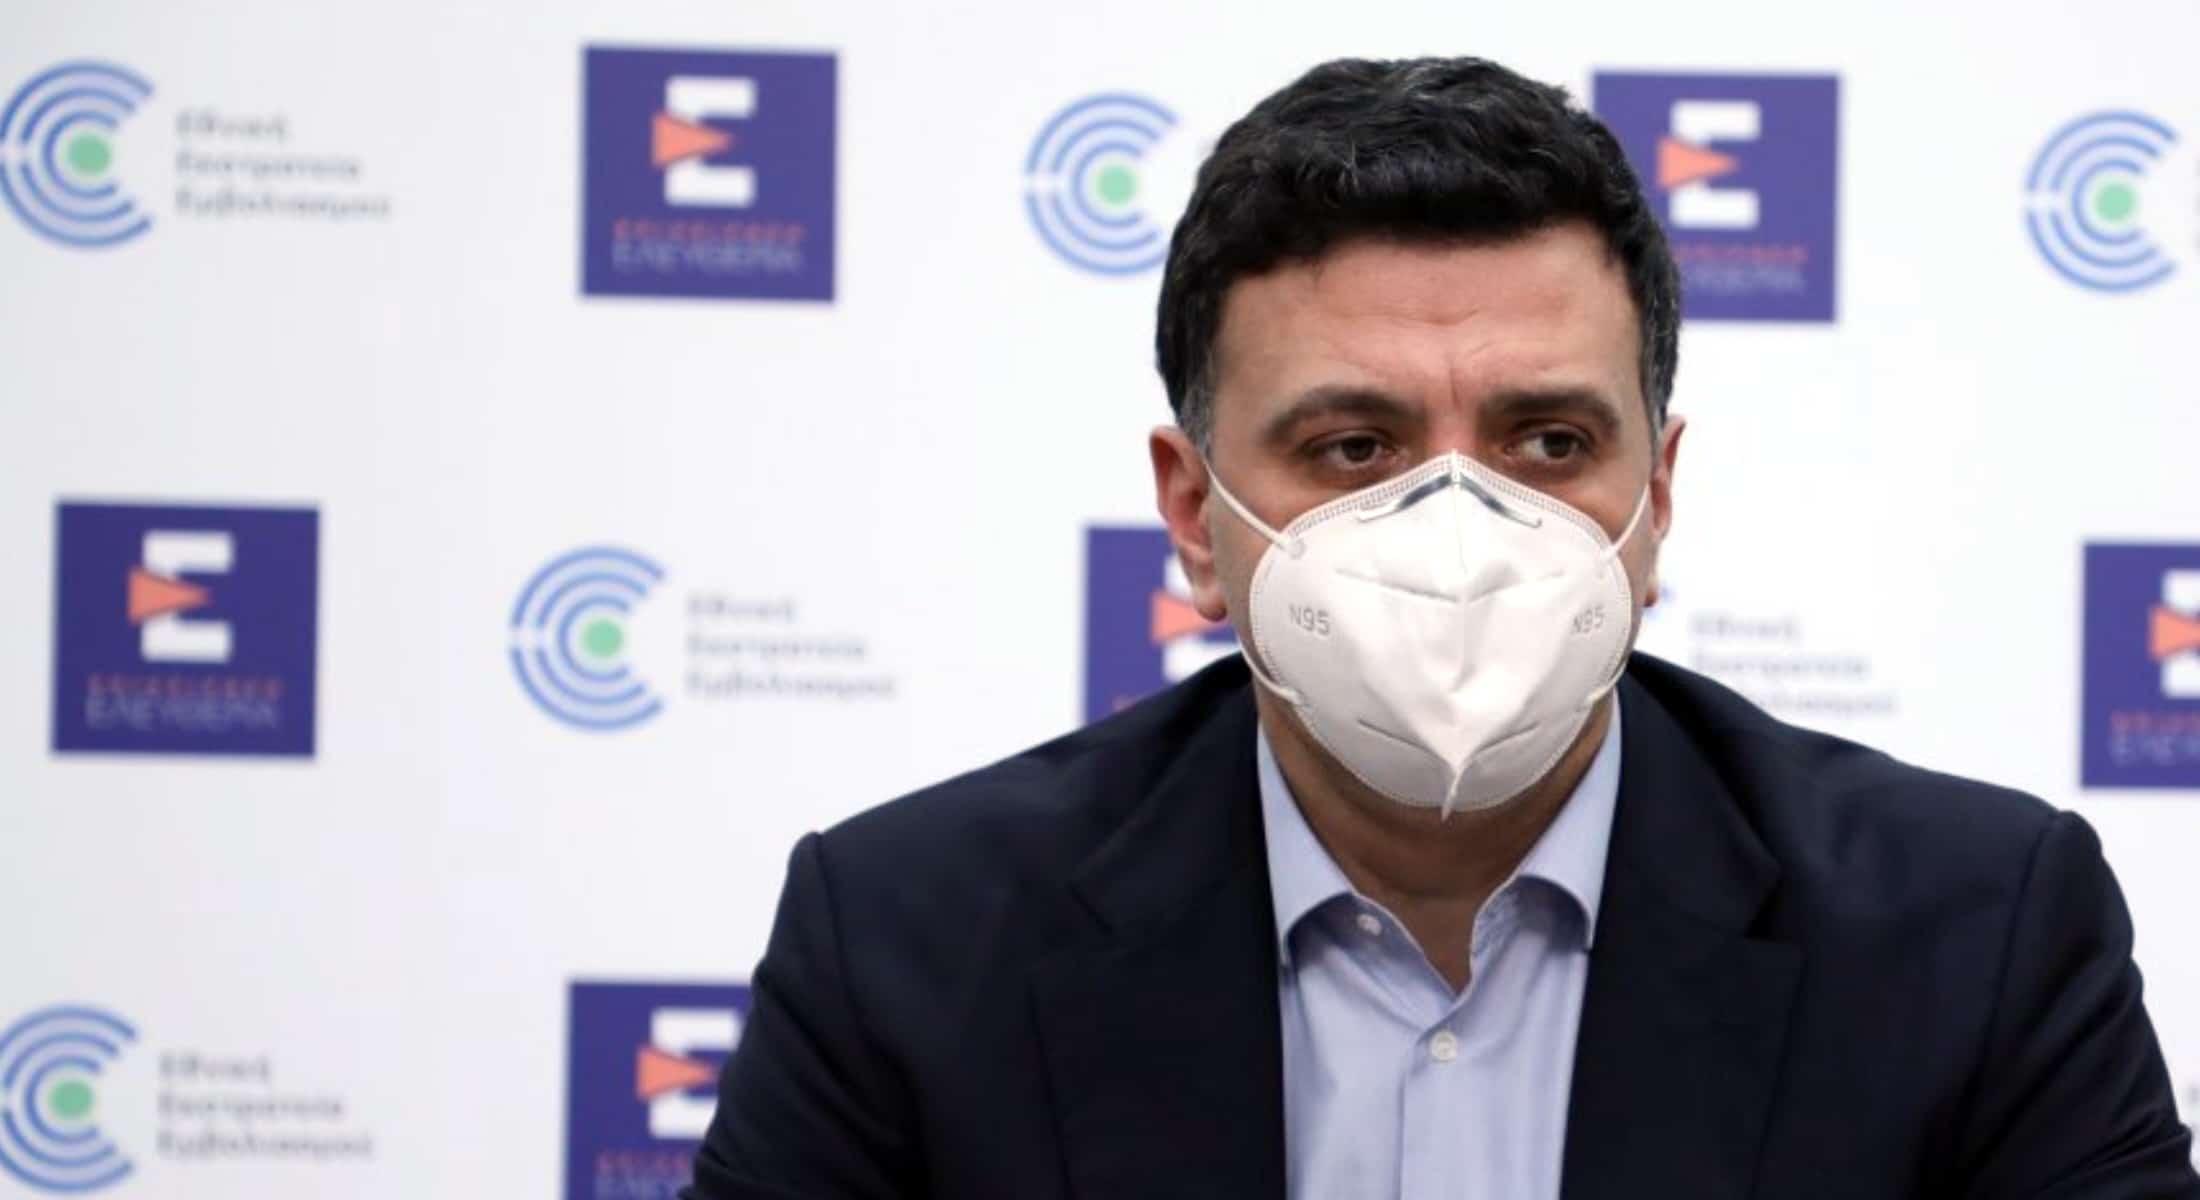 Τα νέα μέτρα Δημόσιας Υγείας που αφορούν τους ανεμβολίαστους πολίτες ανακοίνωσε ο υπουργός Υγείας Βασίλης Κικίλιας.